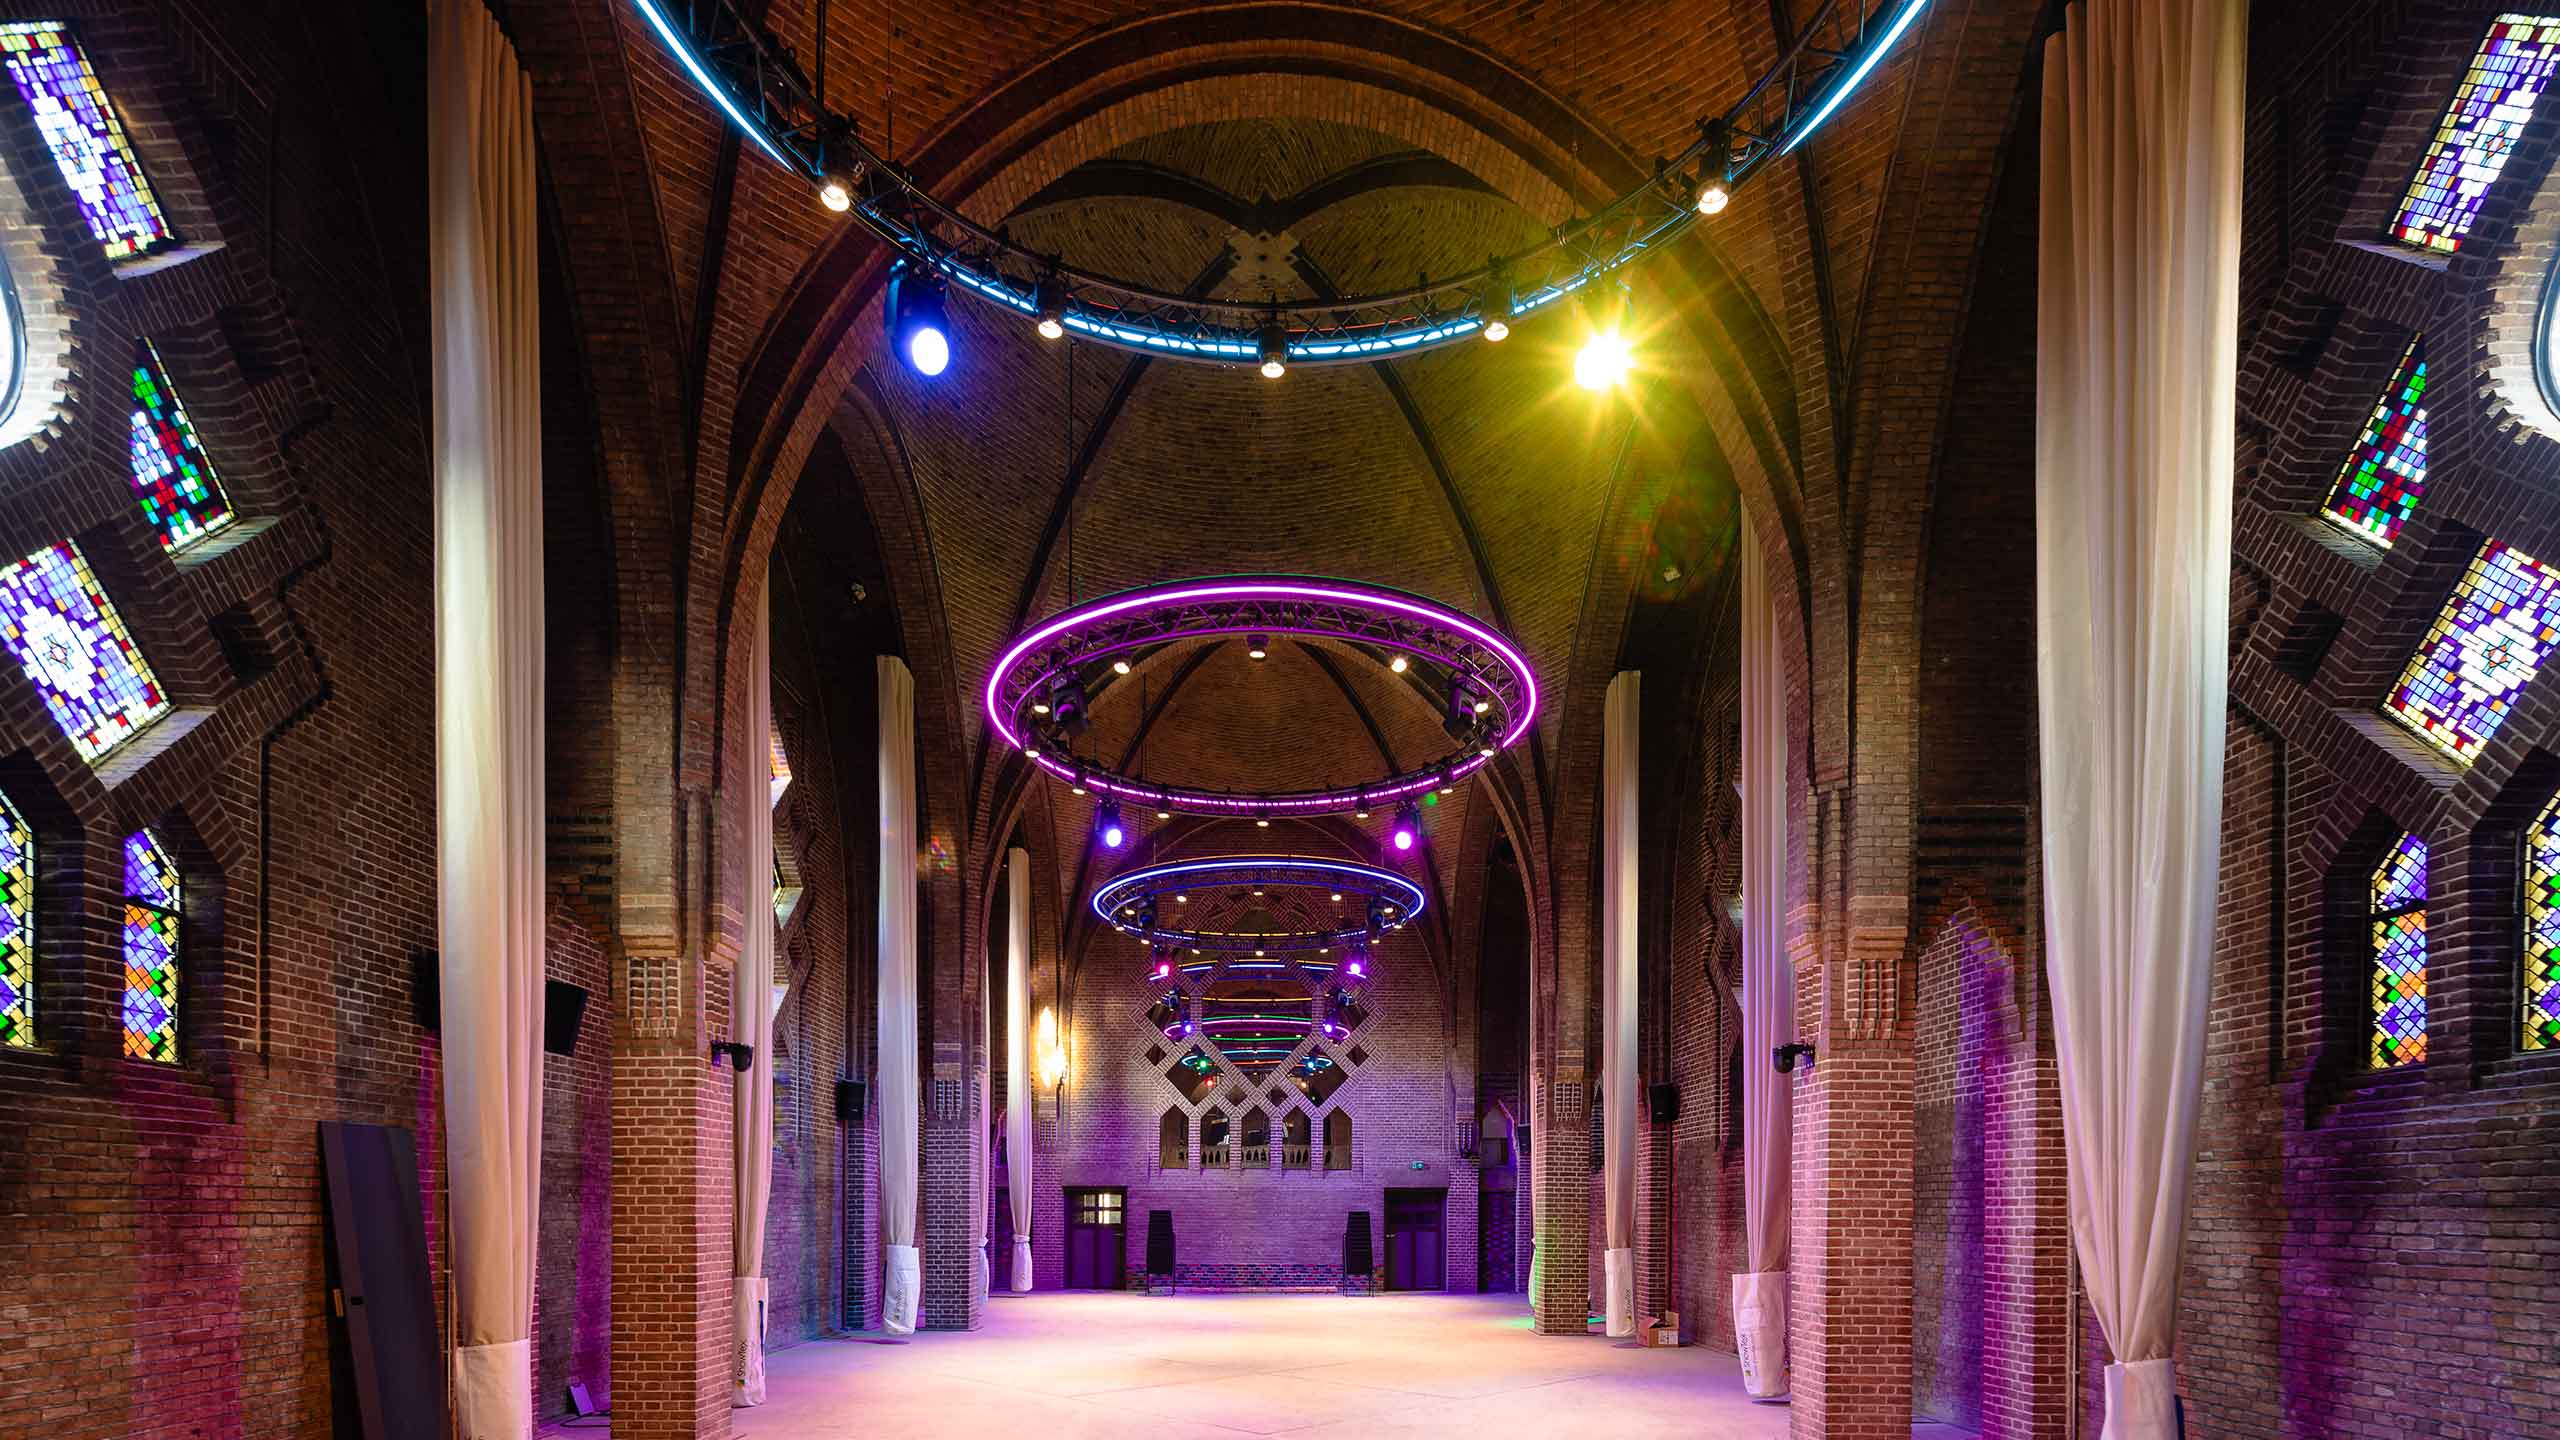 kerk transformatie herbestemming Eindhoven Dela Delamundo domusdela augustijnenkerk klooster dommel